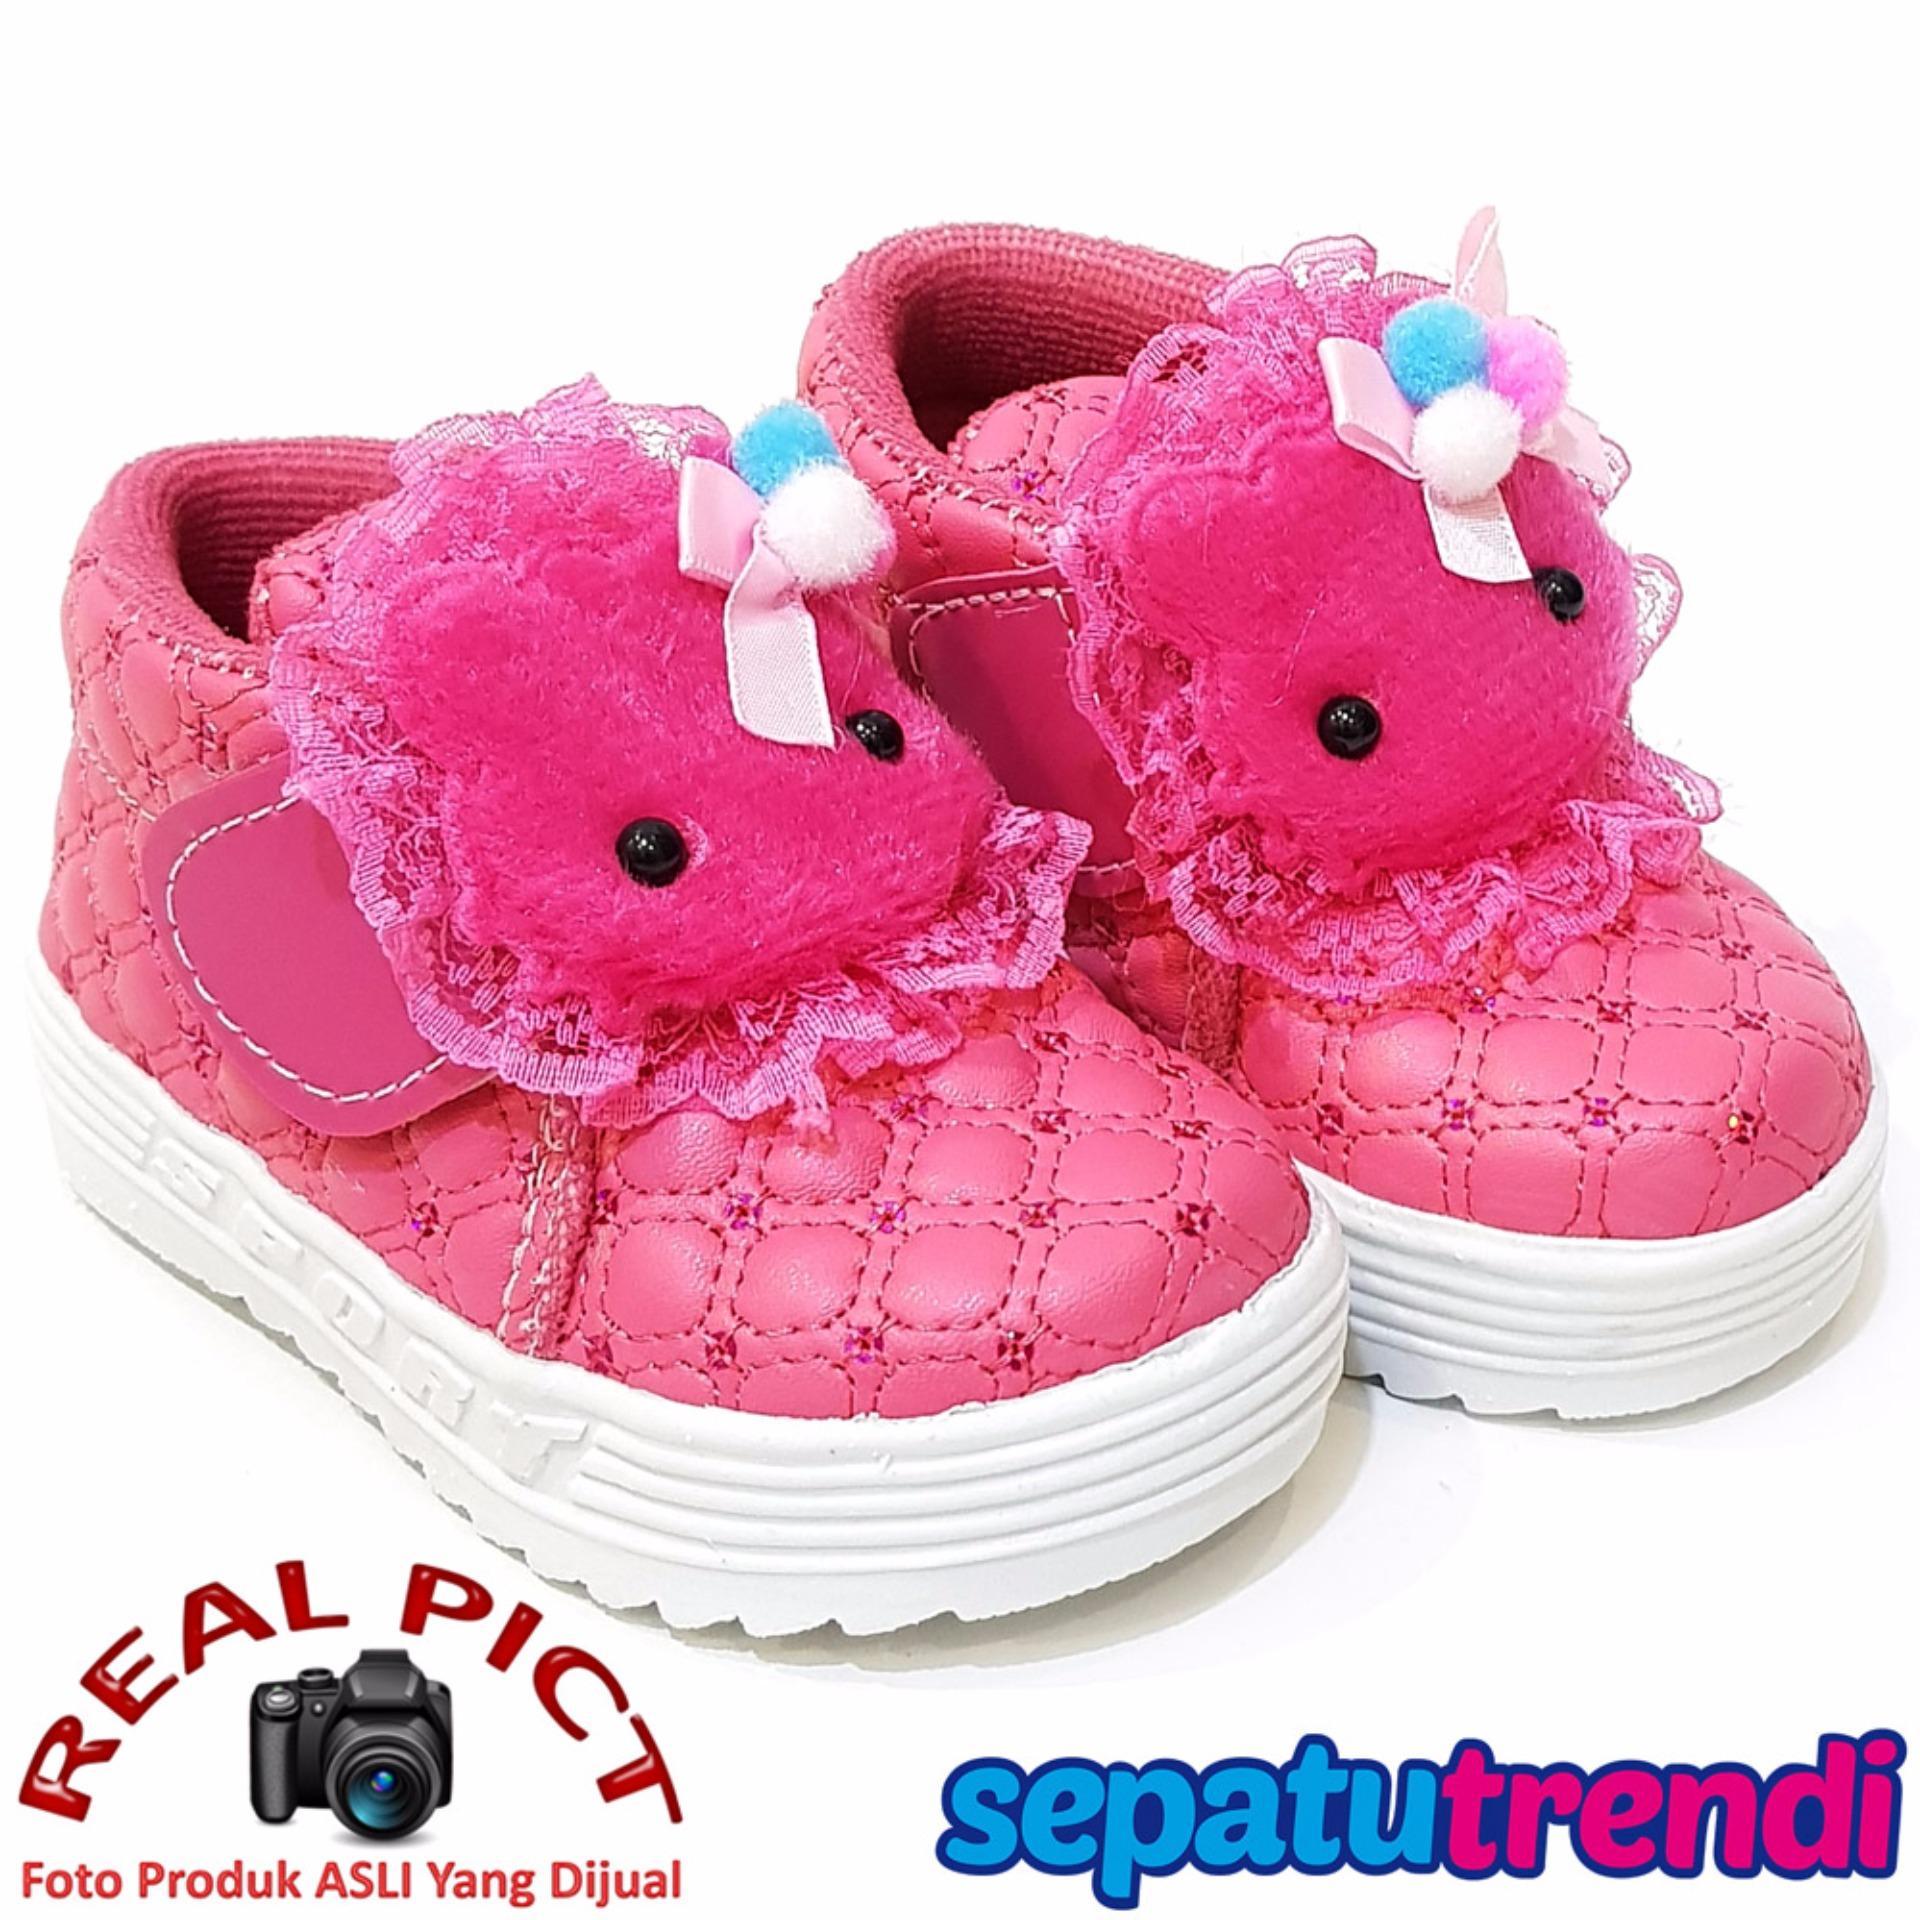 ... TrendiShoes Sepatu Anak Bayi Perempuan Semi Boot Boneka SBNK - Fuchsia  ... fe97ee8998